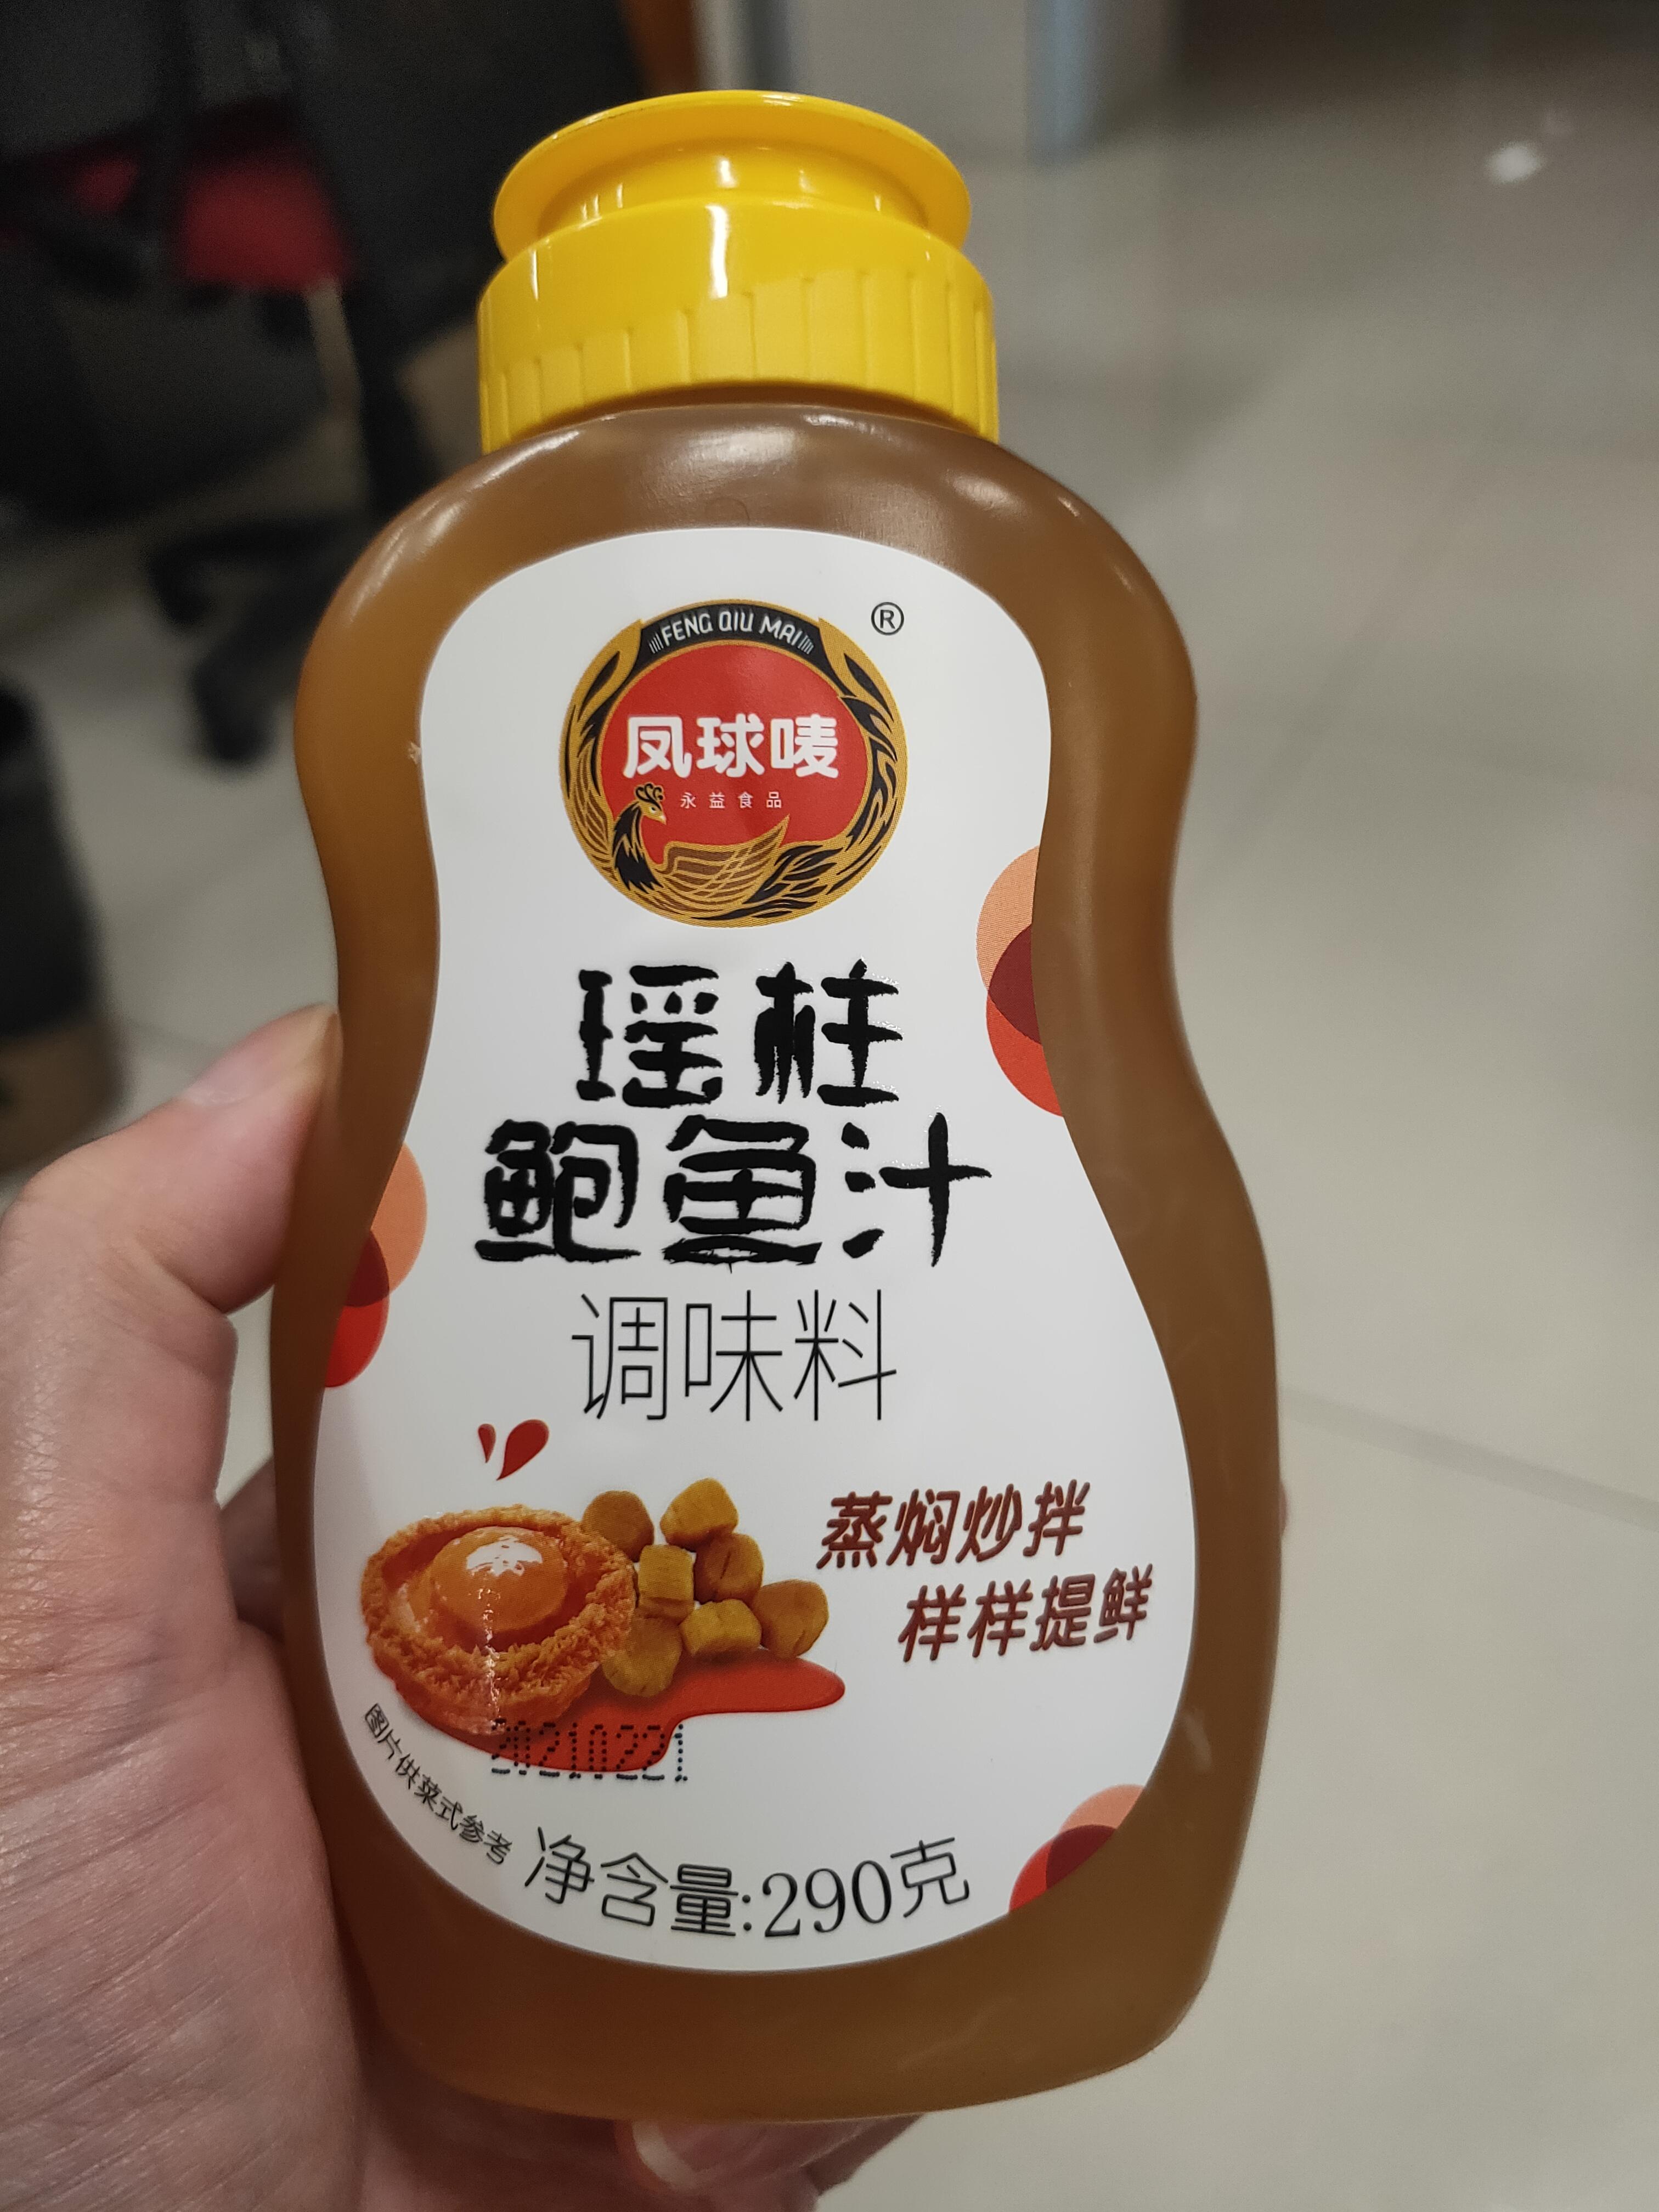 【旗舰店】凤球唛瑶柱鲍鱼汁950g